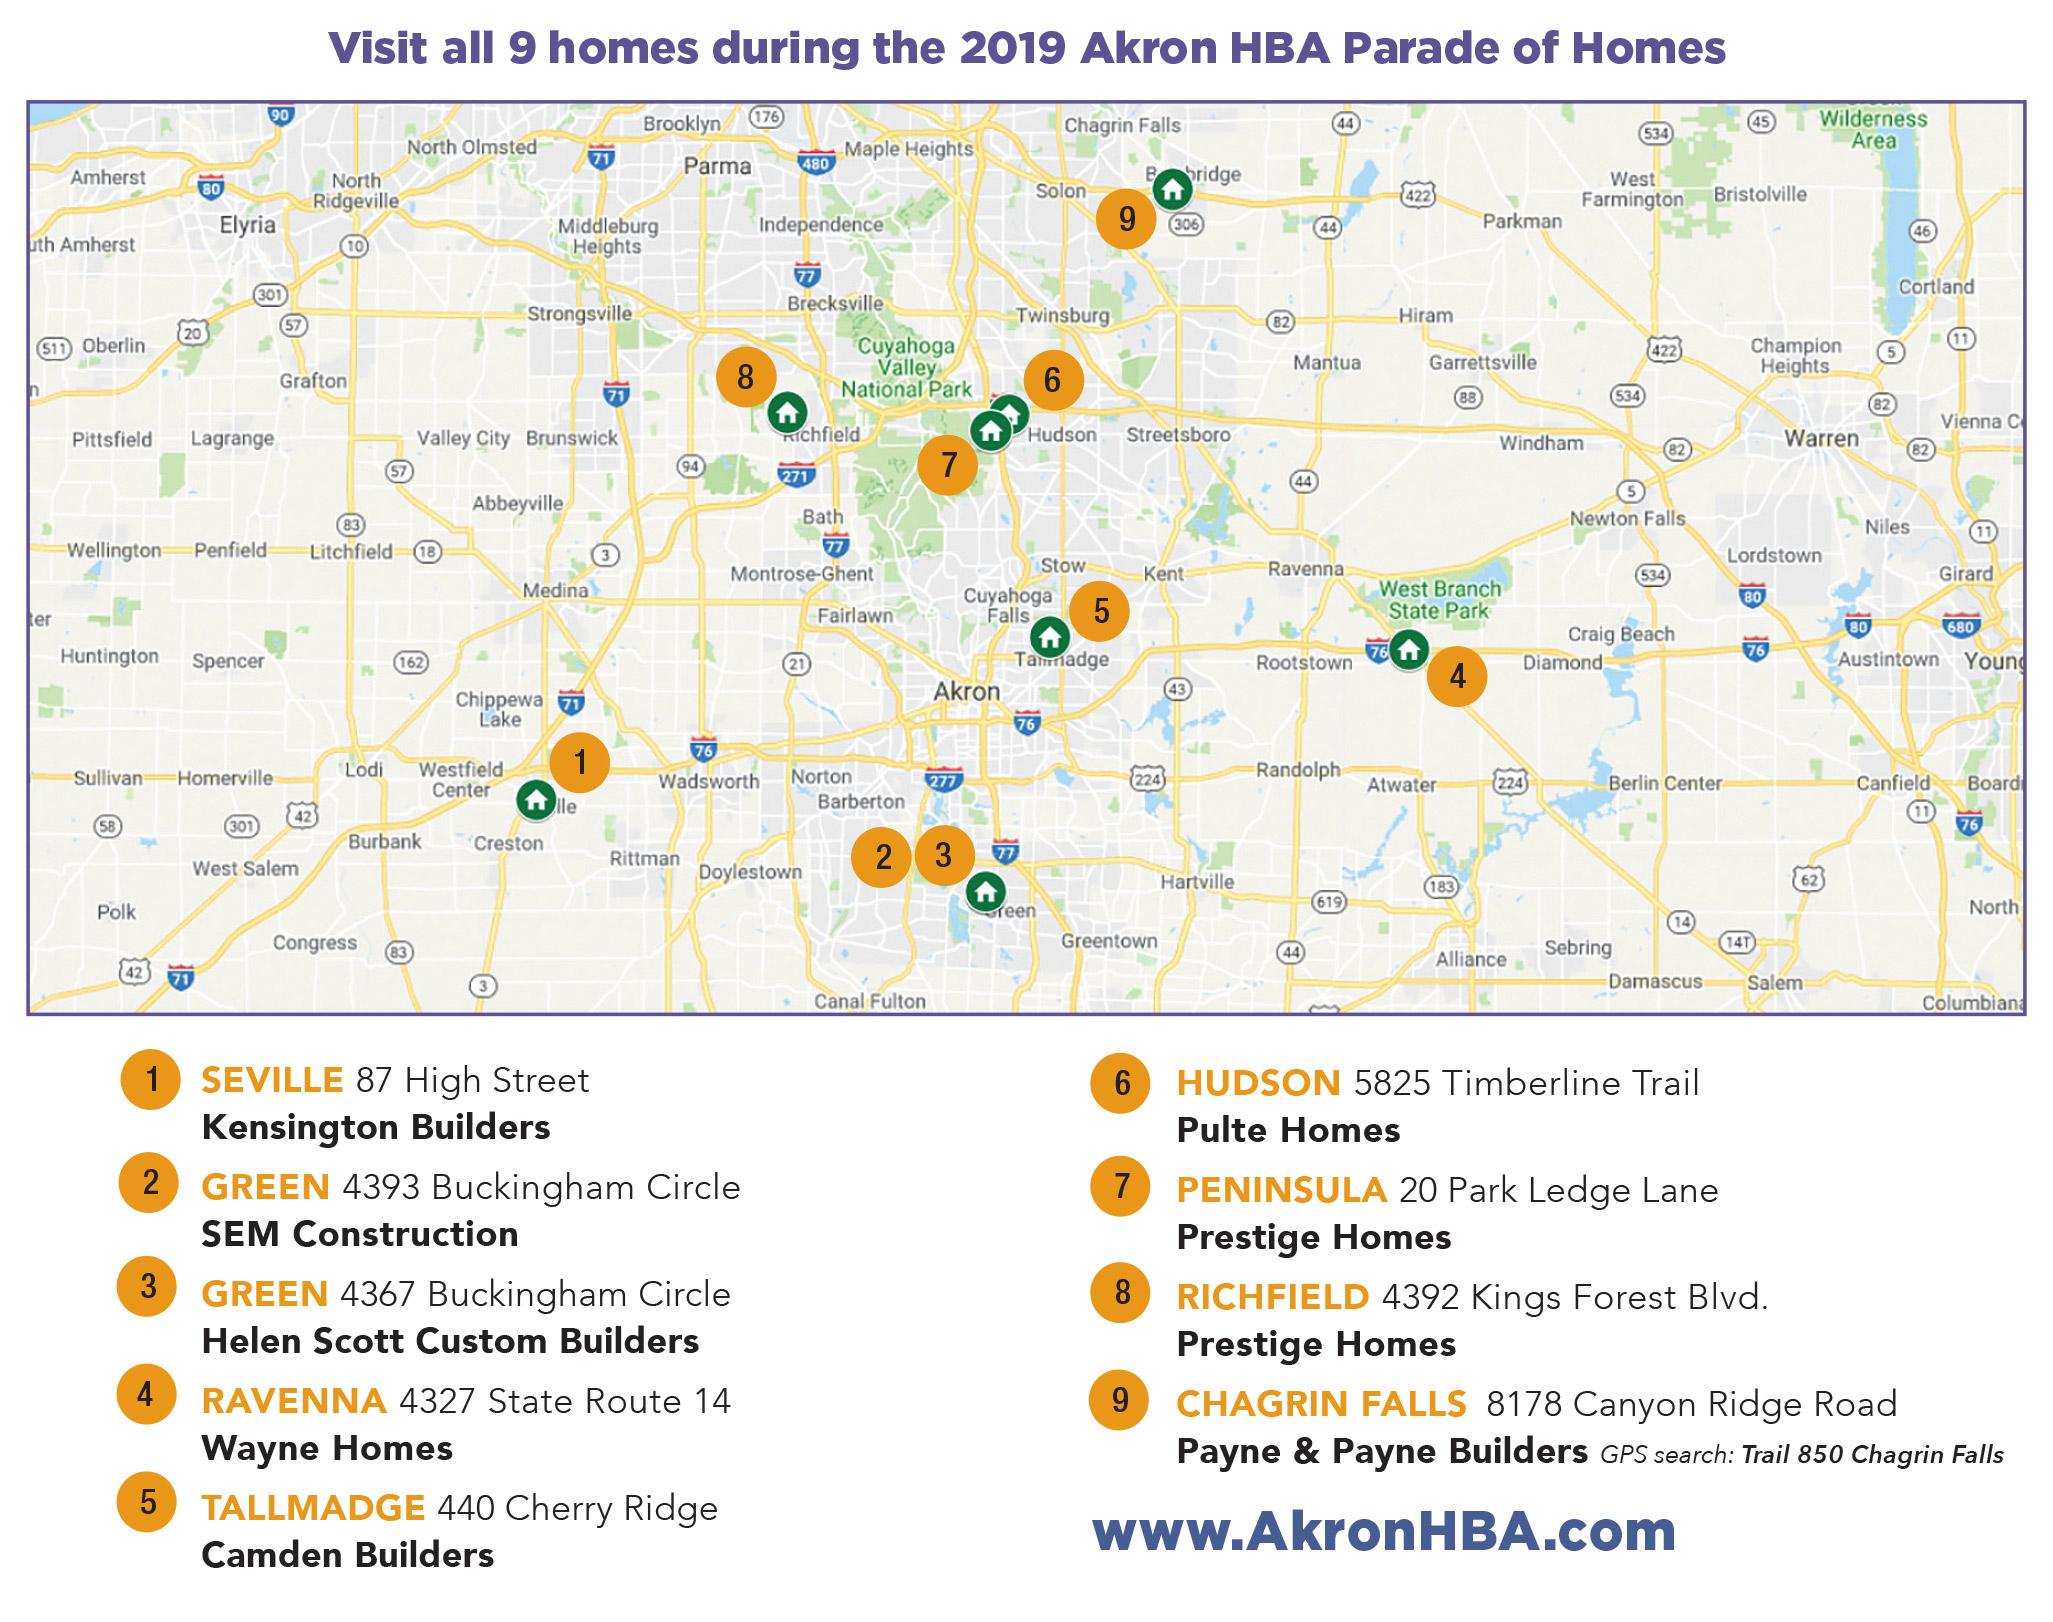 2019 HBA Parade of Homes Map